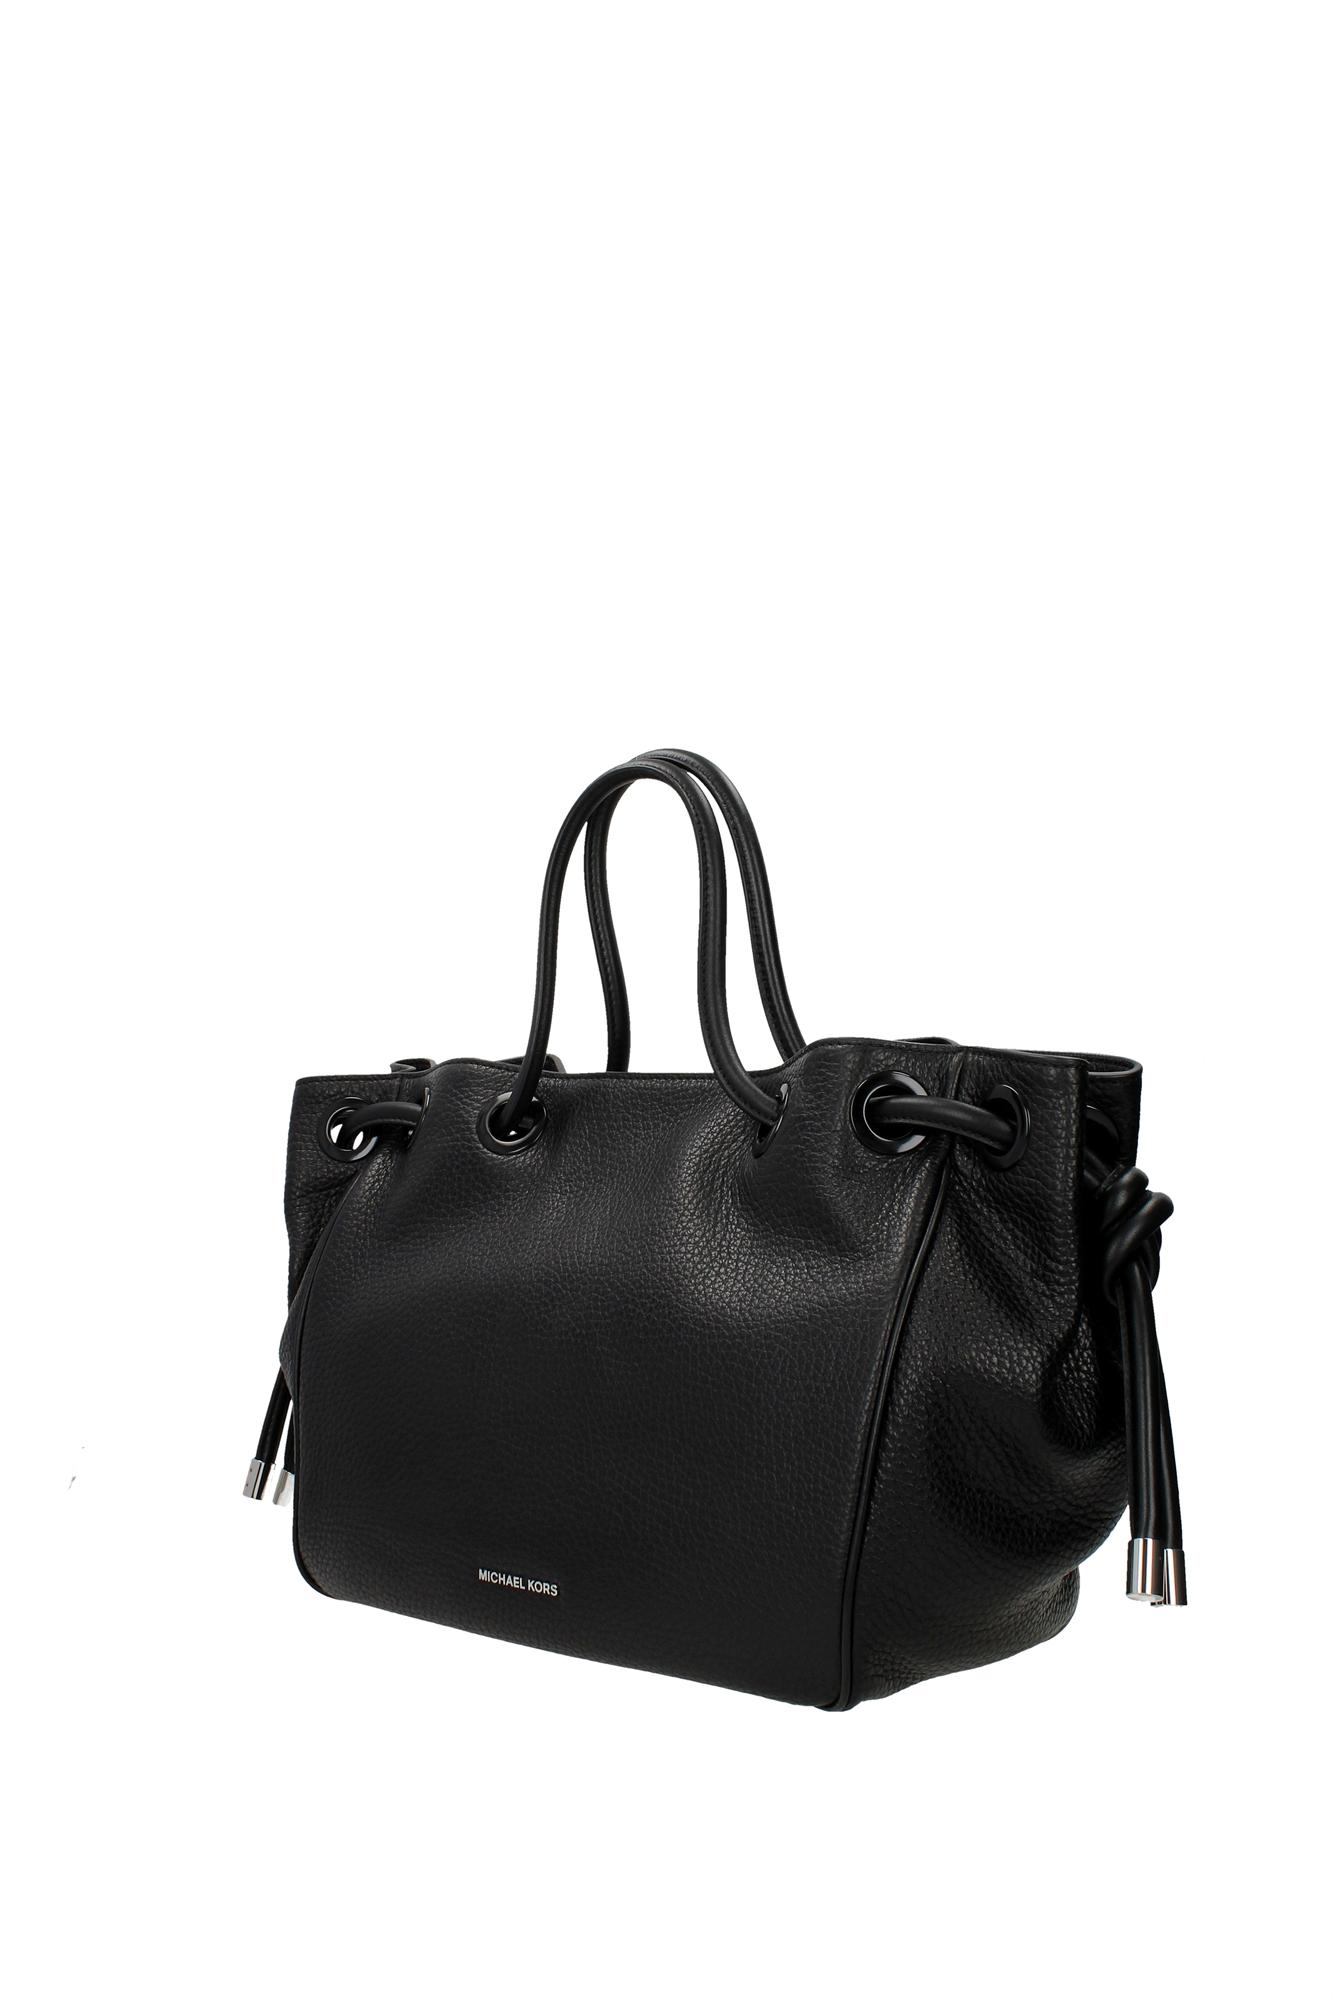 Fantastic Home Gt Bags GtWomenBagsMichael Michael Kors Handbag Dark Dune